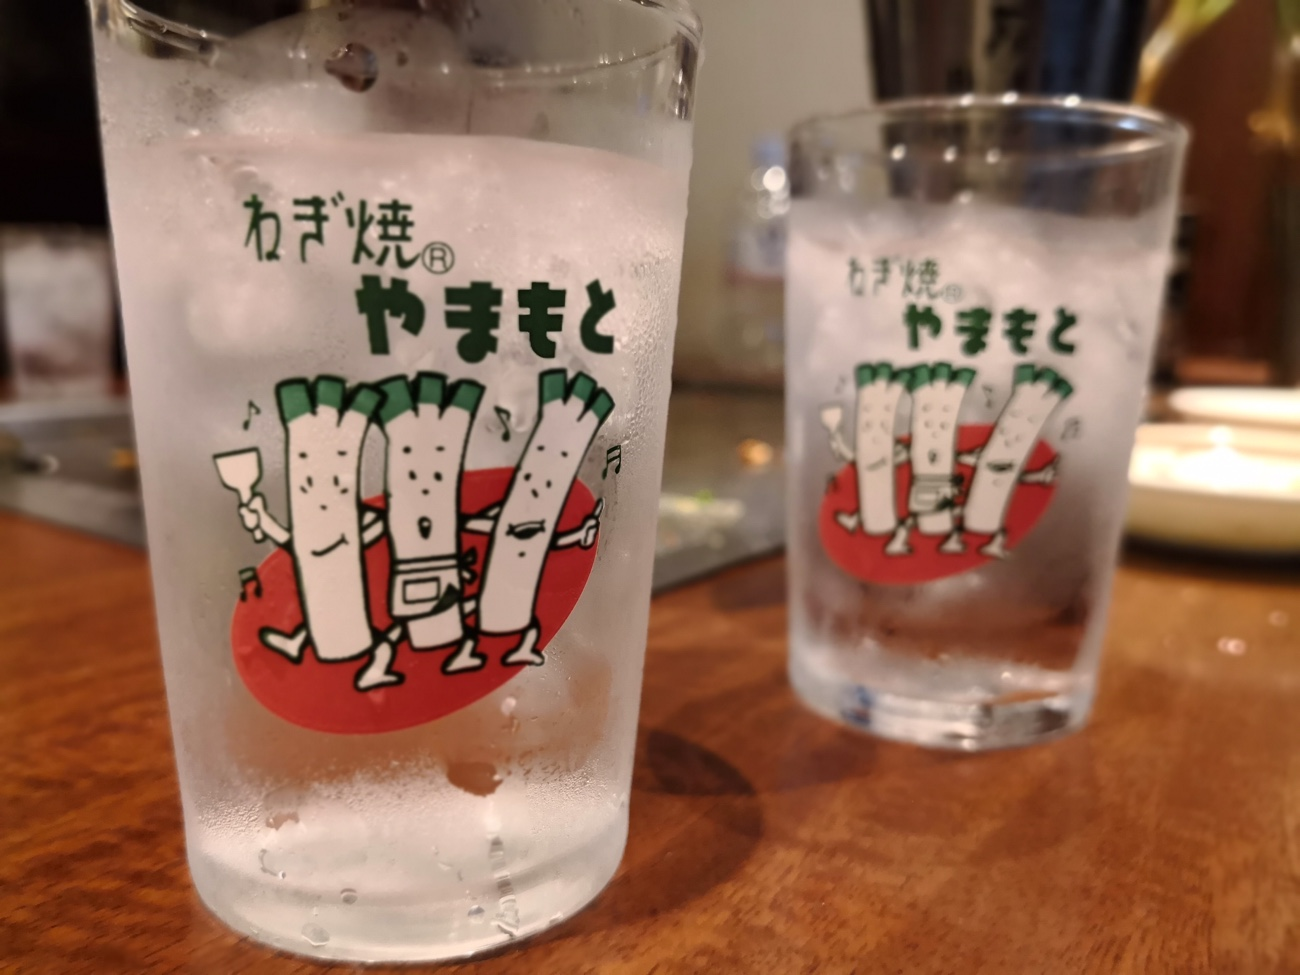 ねぎ焼きやまもとのグラス